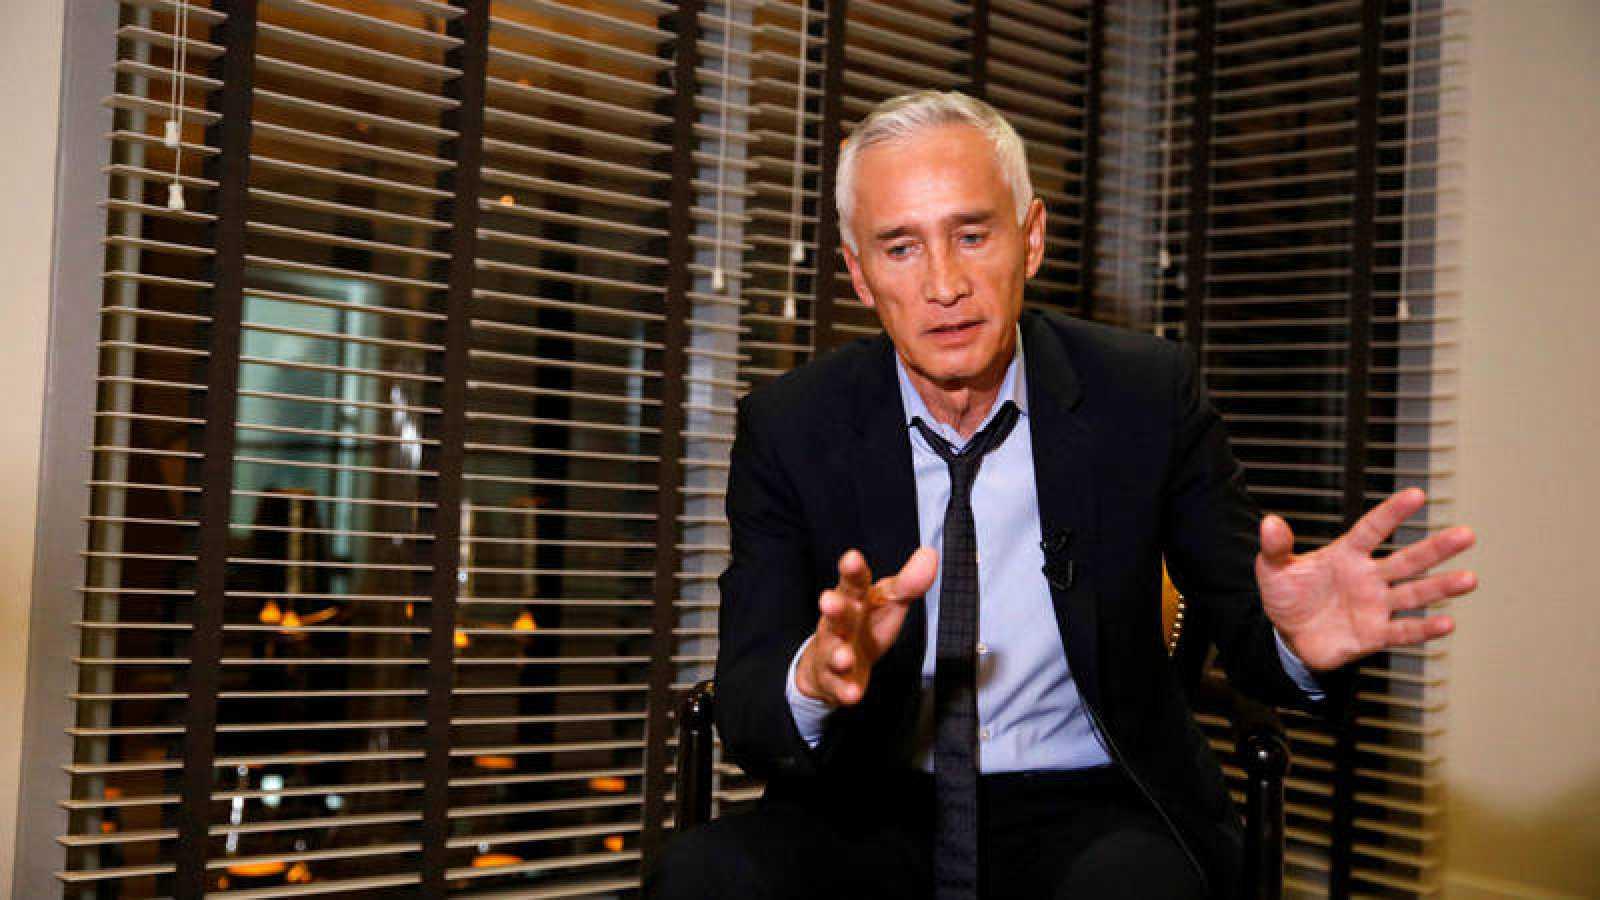 El periodista de la televisión Univisión Jorge Ramos